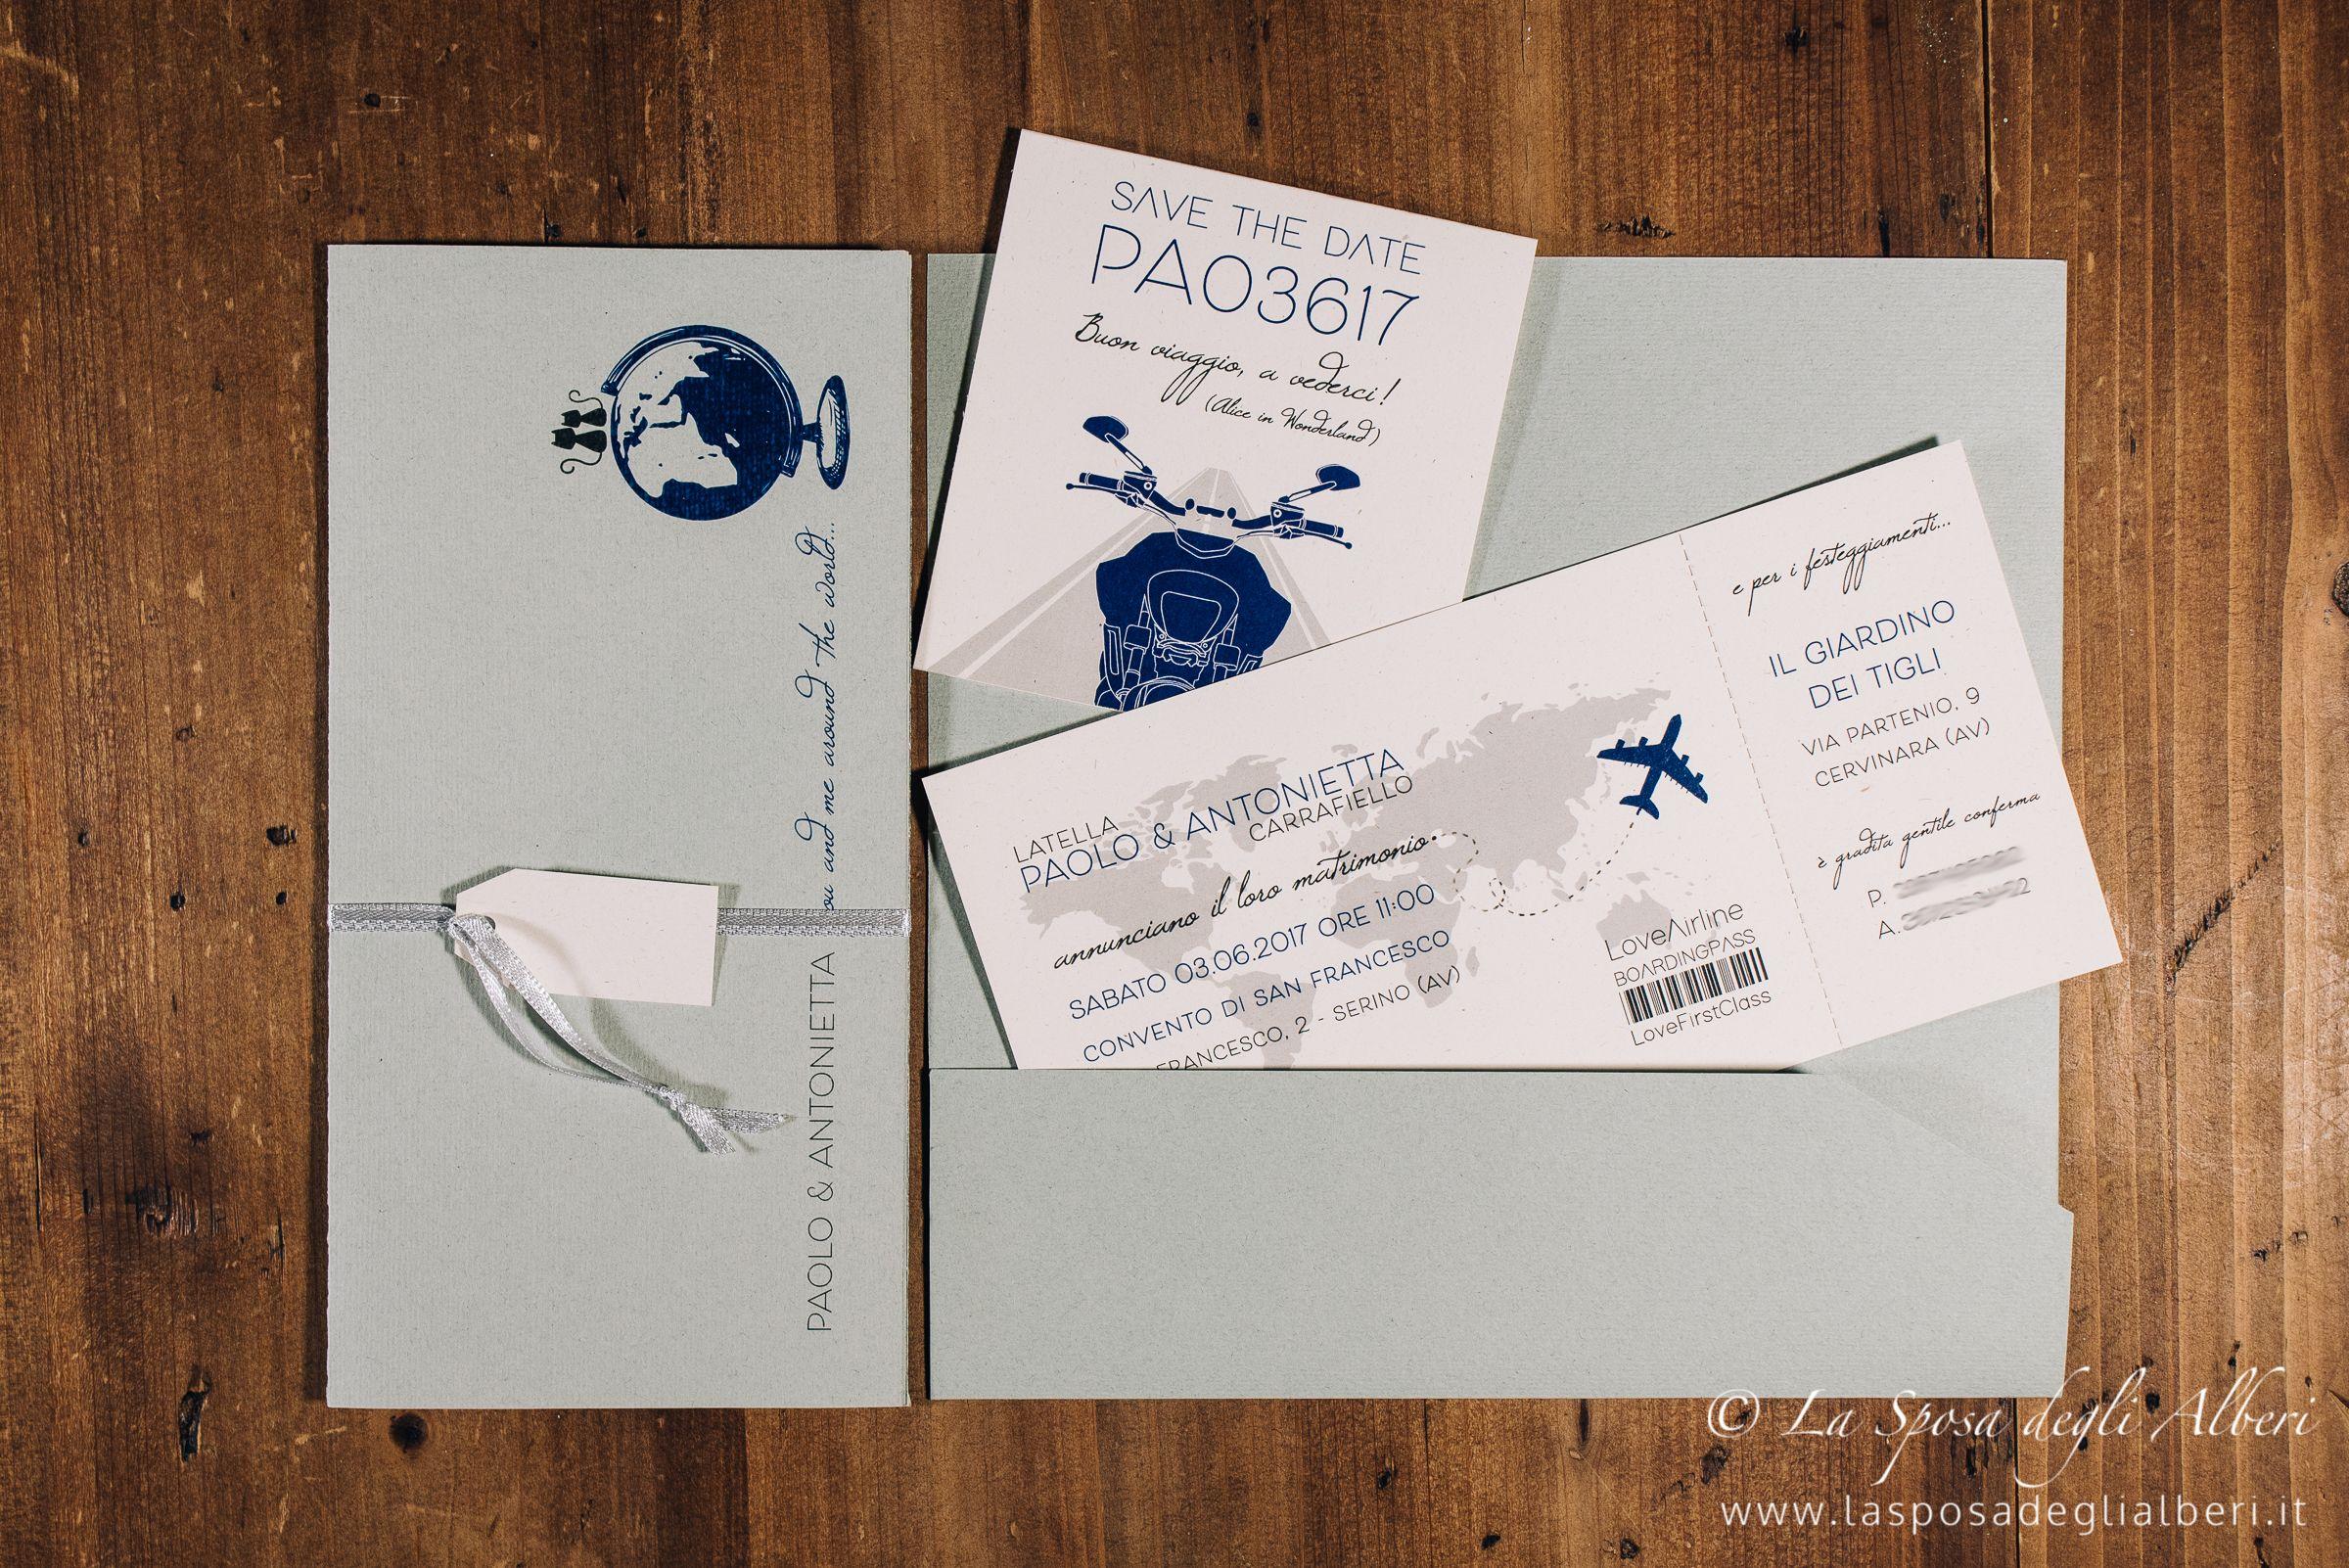 Partecipazione Around The World You Me Weddinginvitation Weddingstationary Wedding Invitation Partecipazioni Nozze Matrimonio Fai Da Te Partecipazione